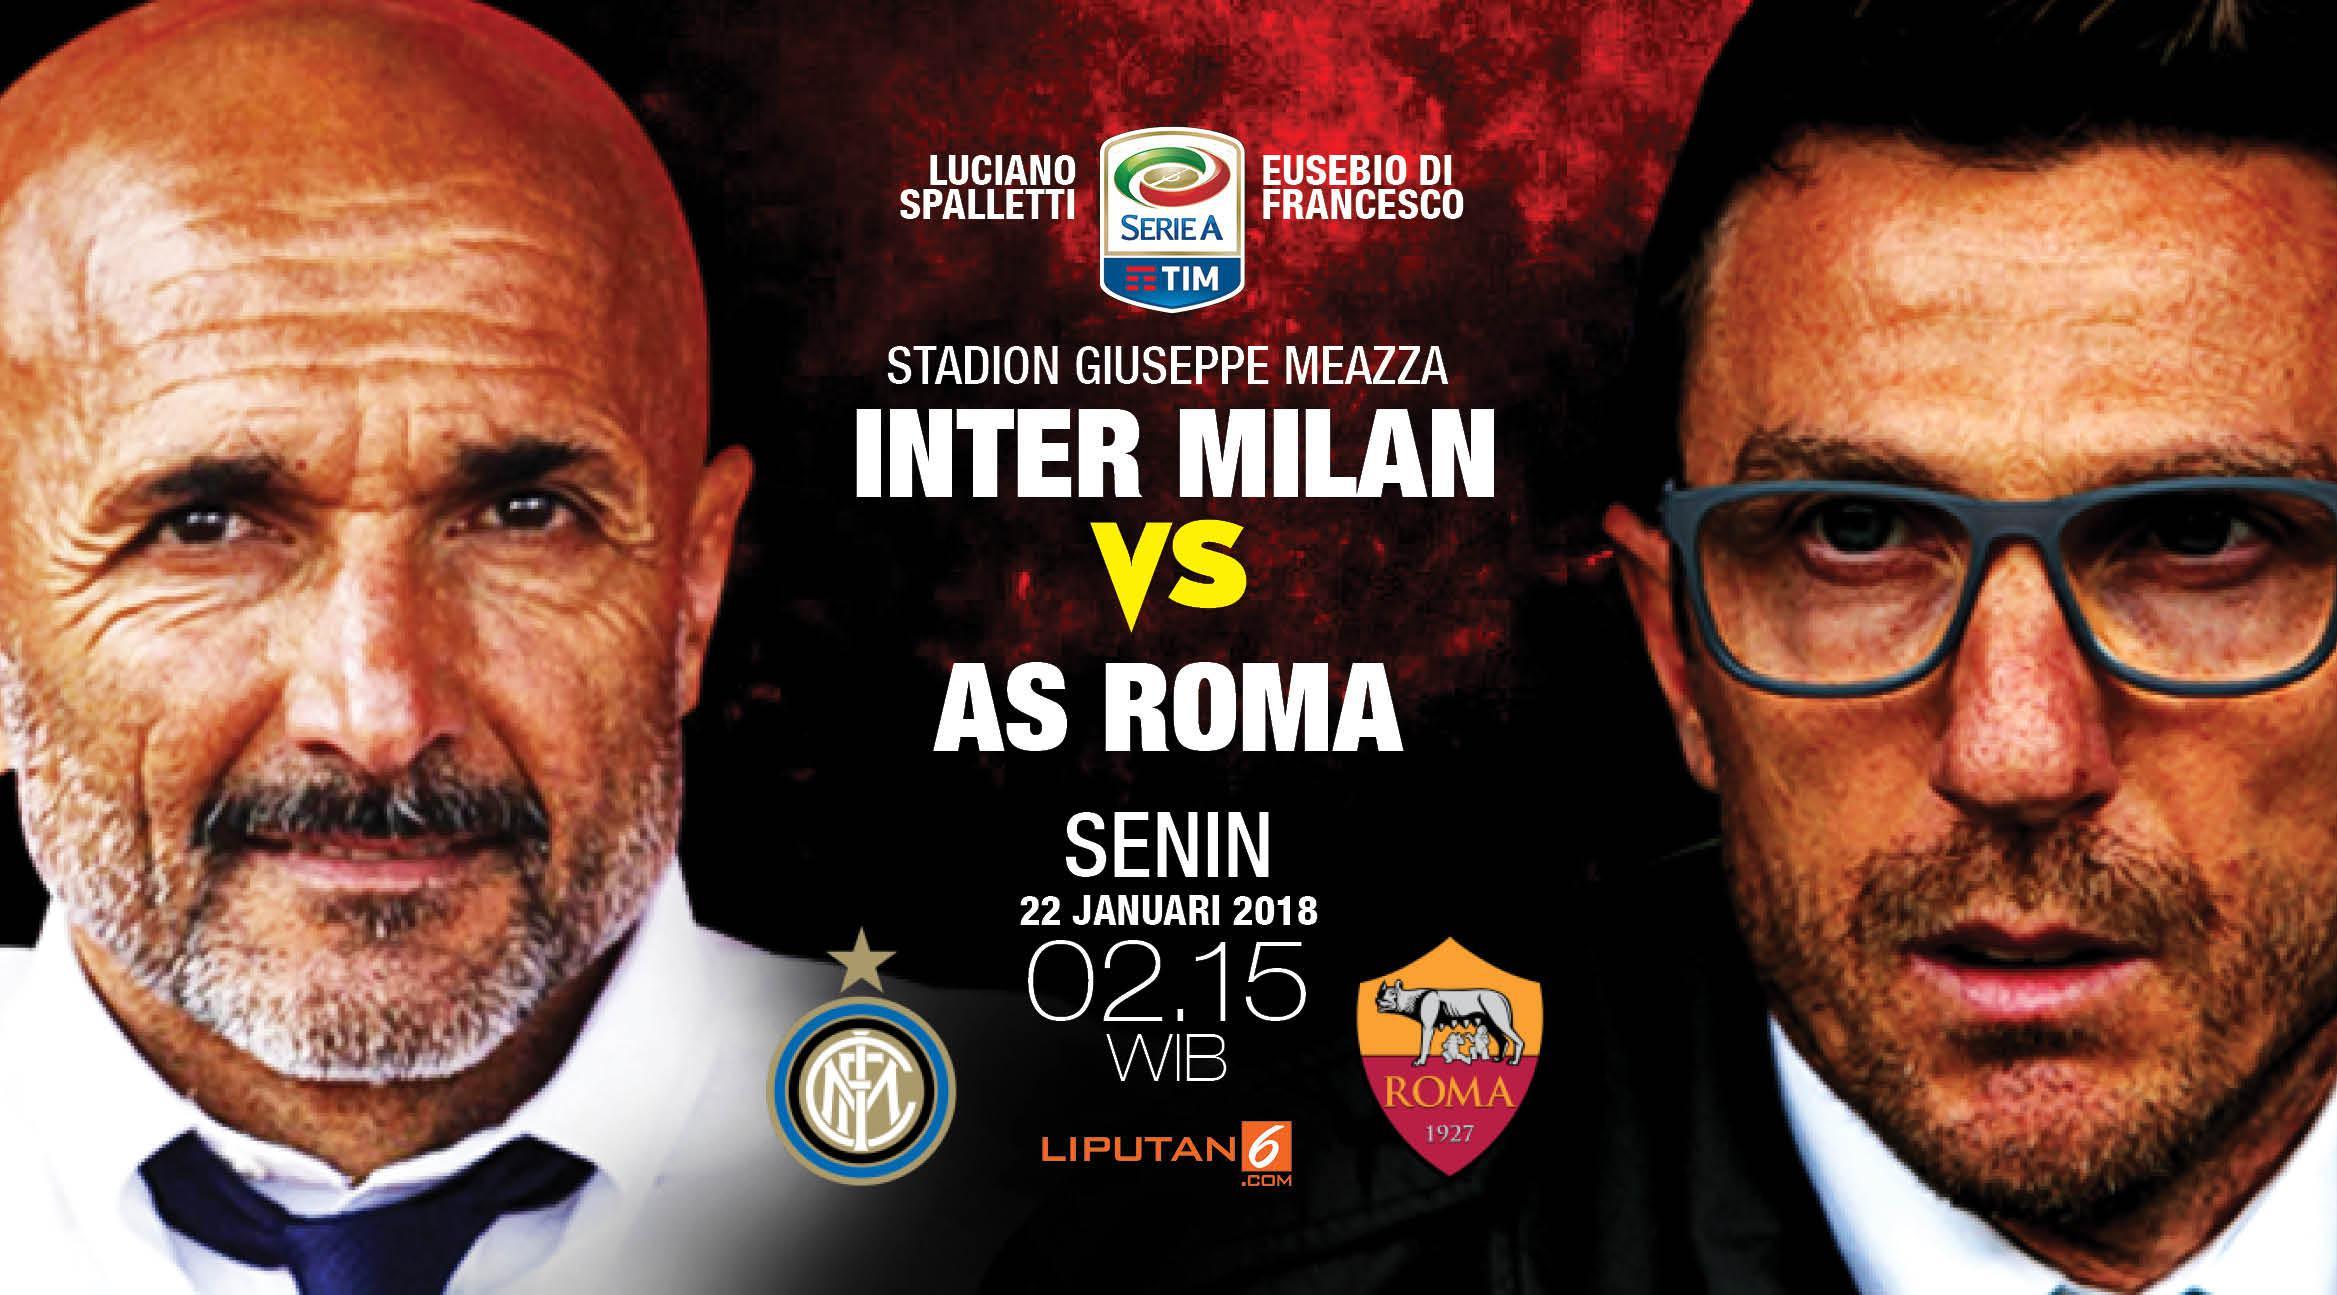 Inter Milan vs AS Roma (Liputan6.com/Abdillah)